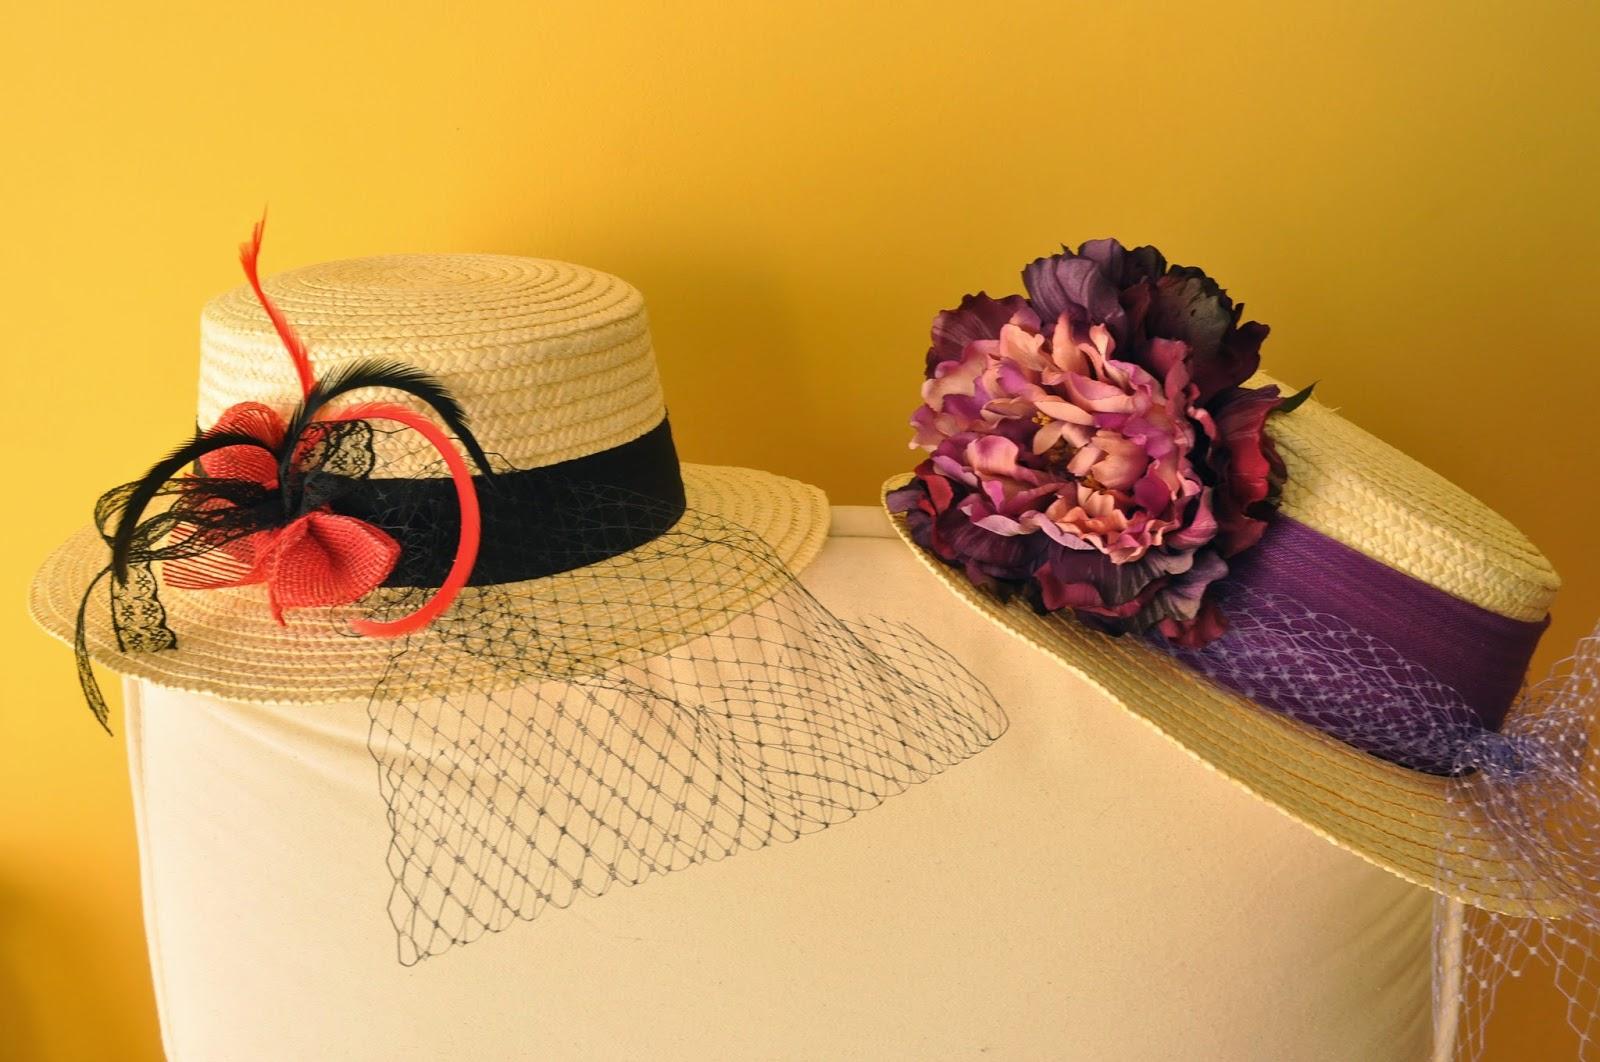 sombreros canotier para bodas económicos, plumas, tul